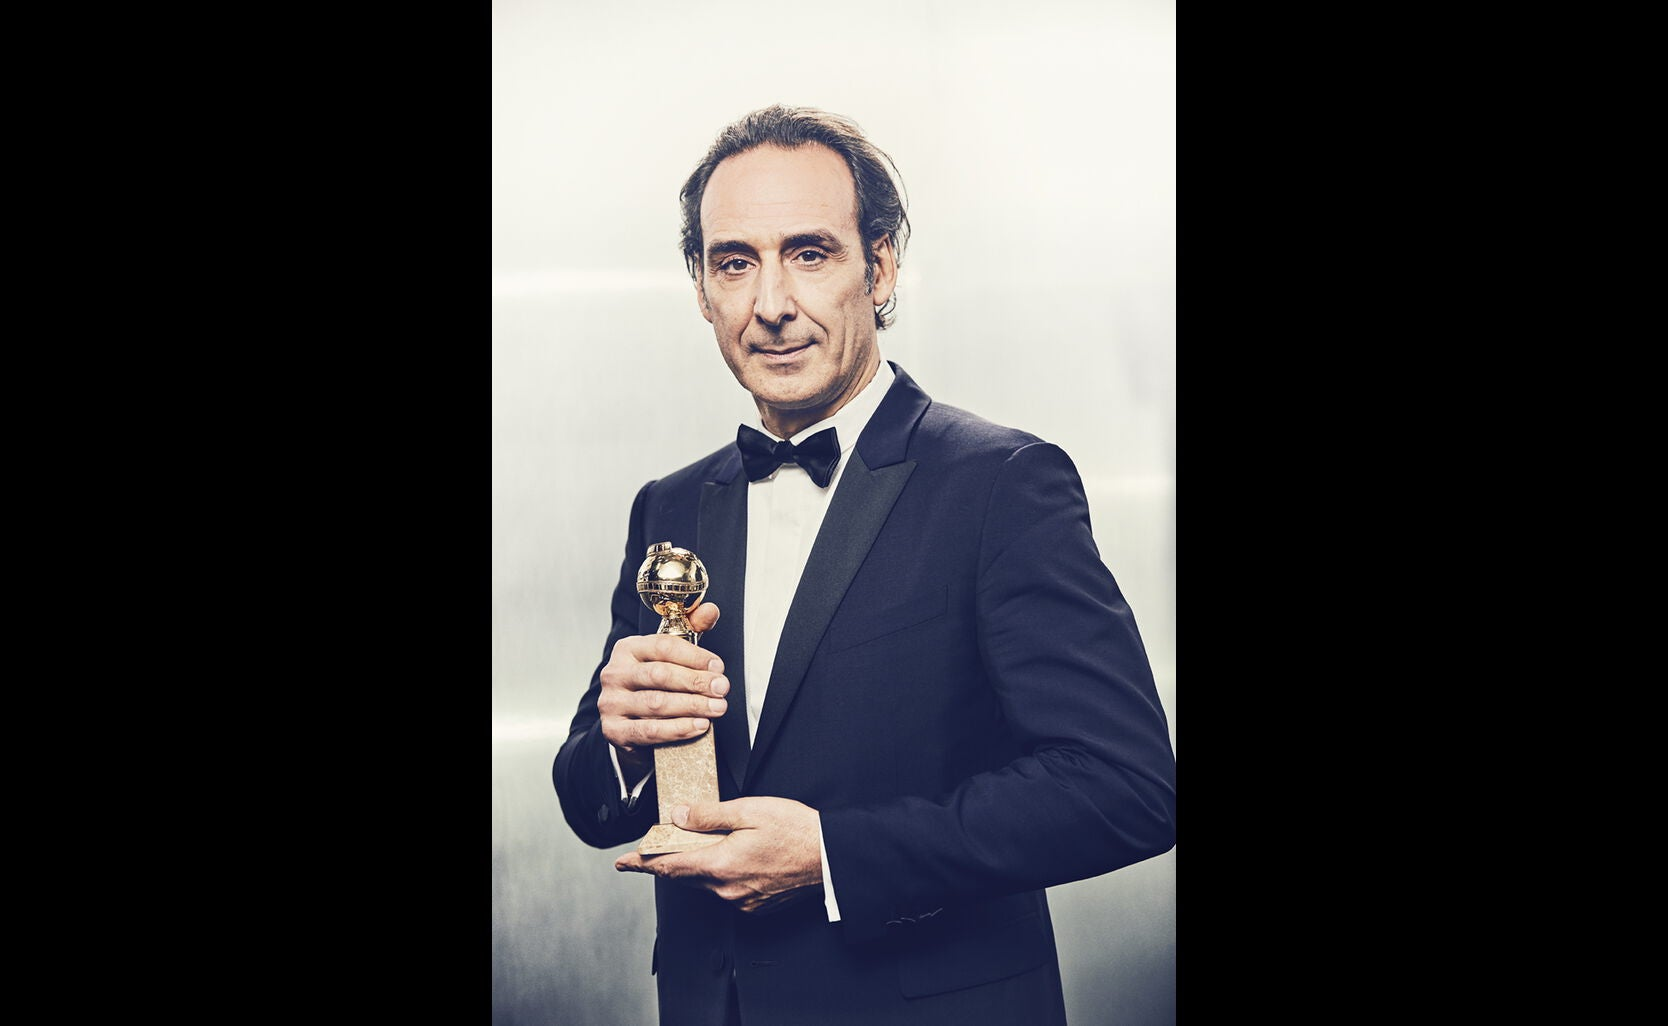 Composer Alexandre Desplat, Golden Globe winner